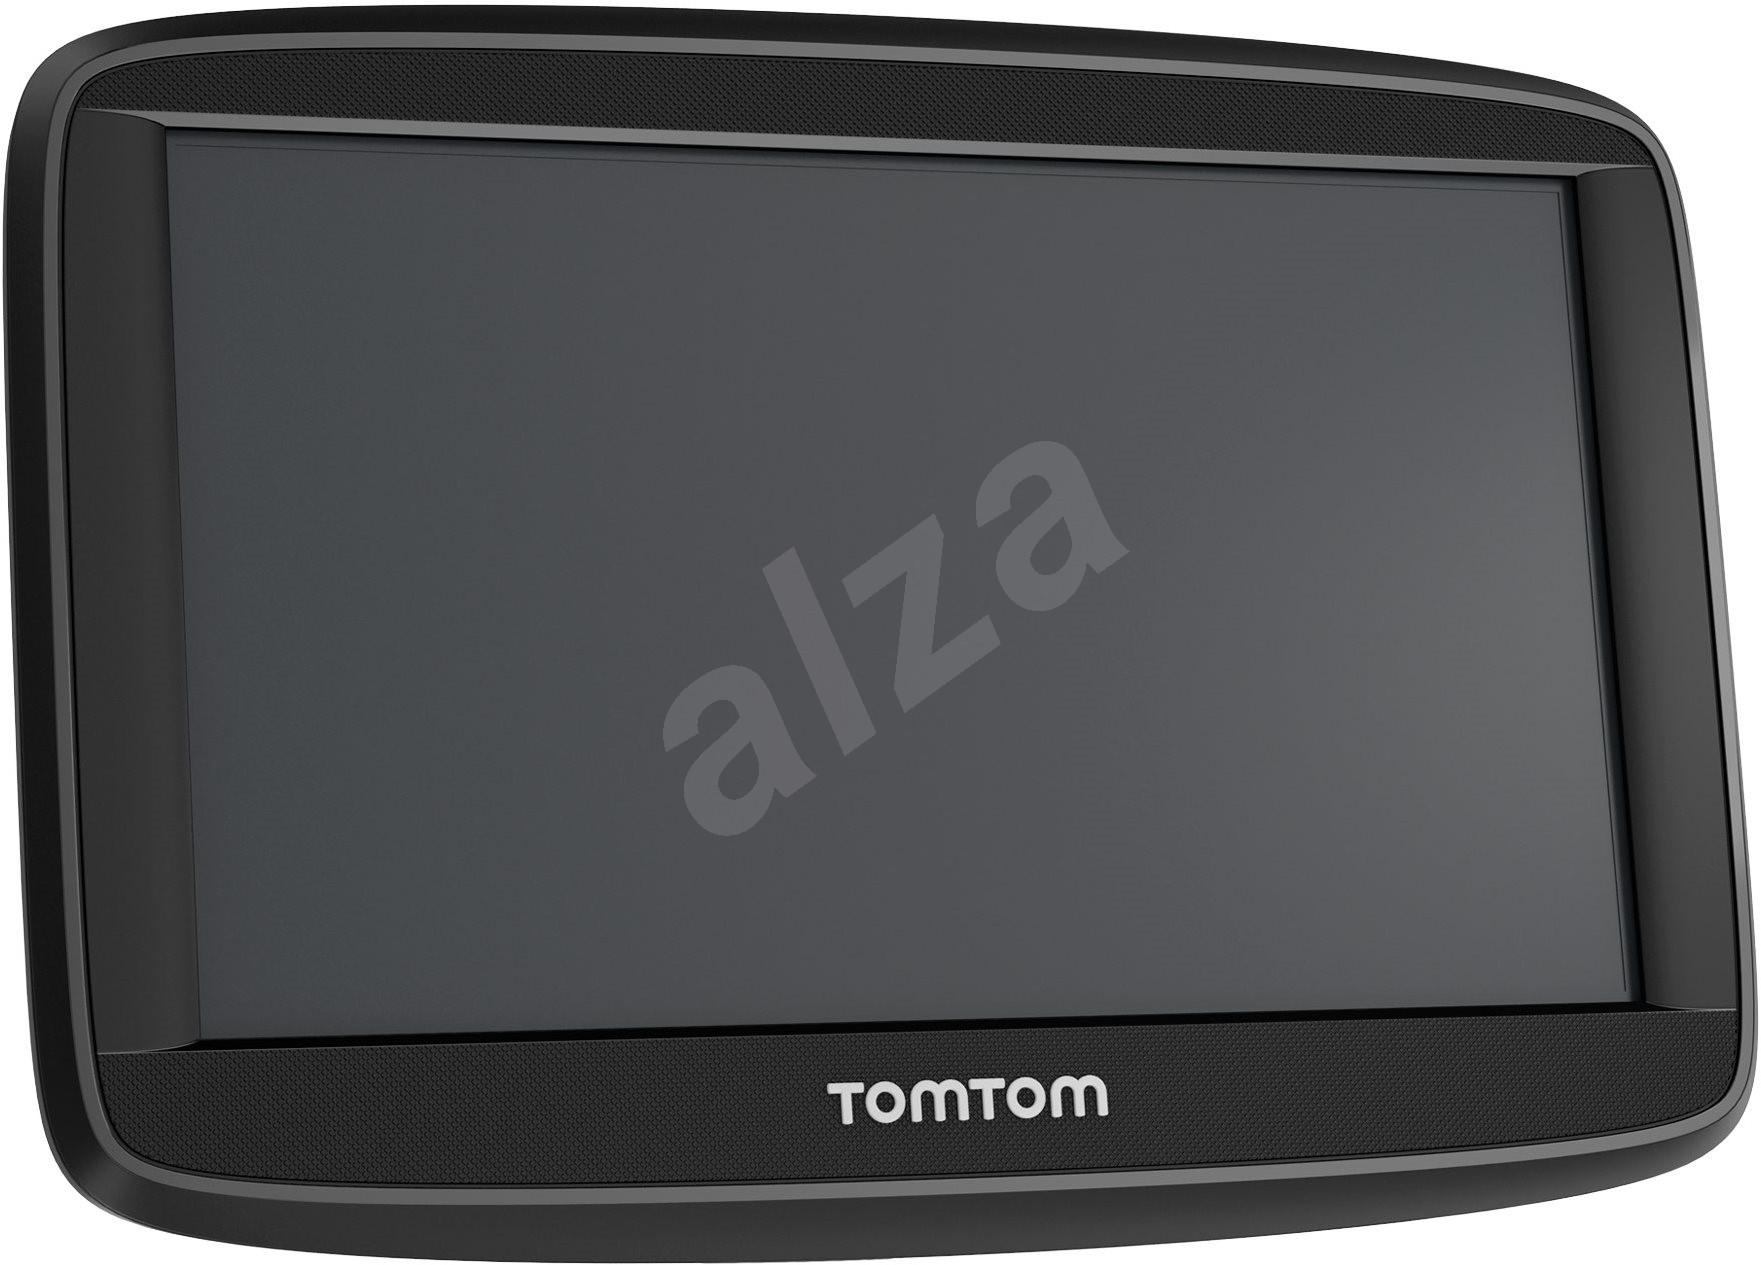 TomTom VIA 62 Europe Lifetime Maps - GPS Navigation | Alzashop.com